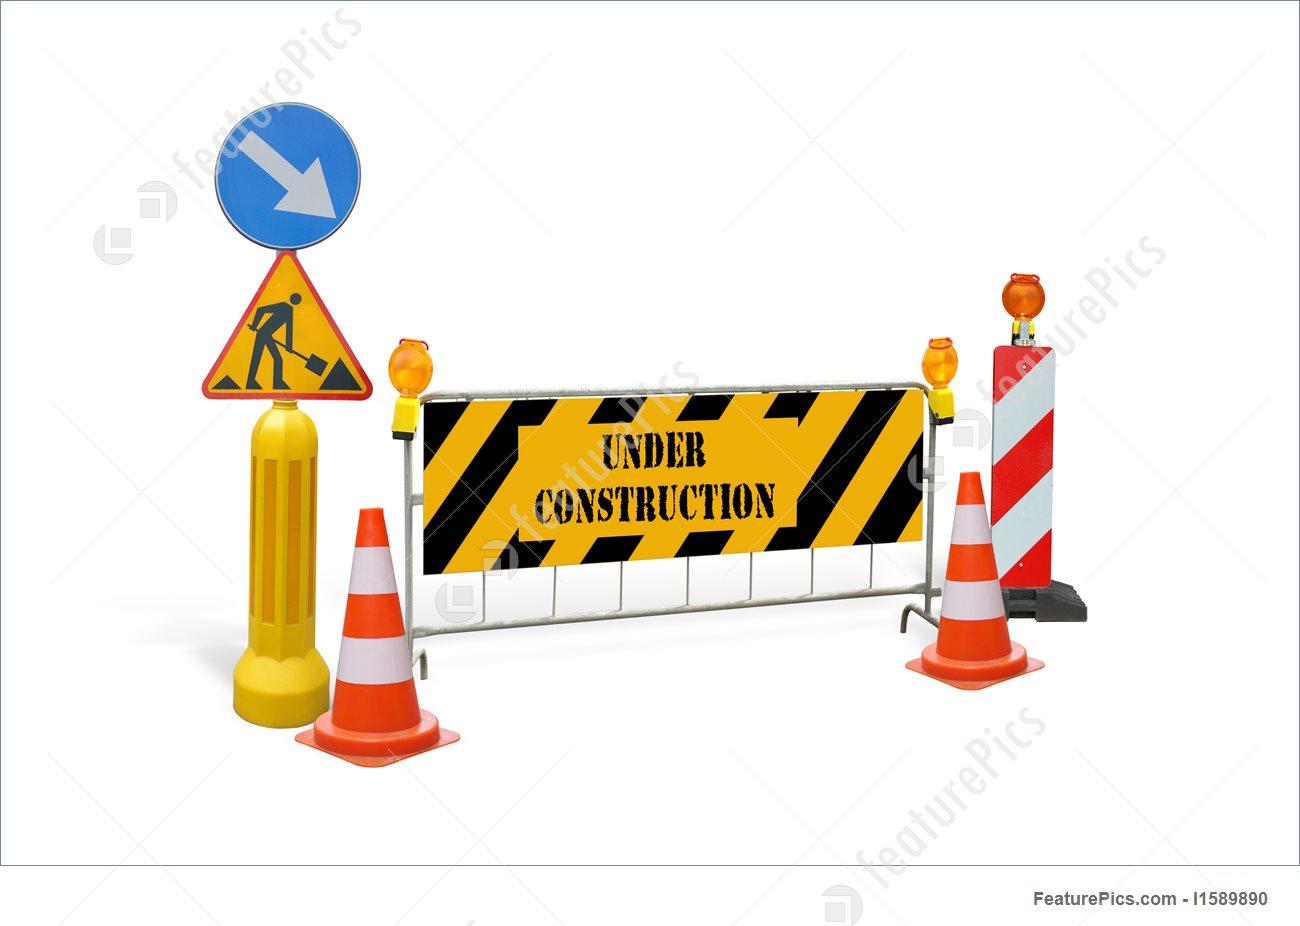 1300x926 Under Construction Stock Image I1589890